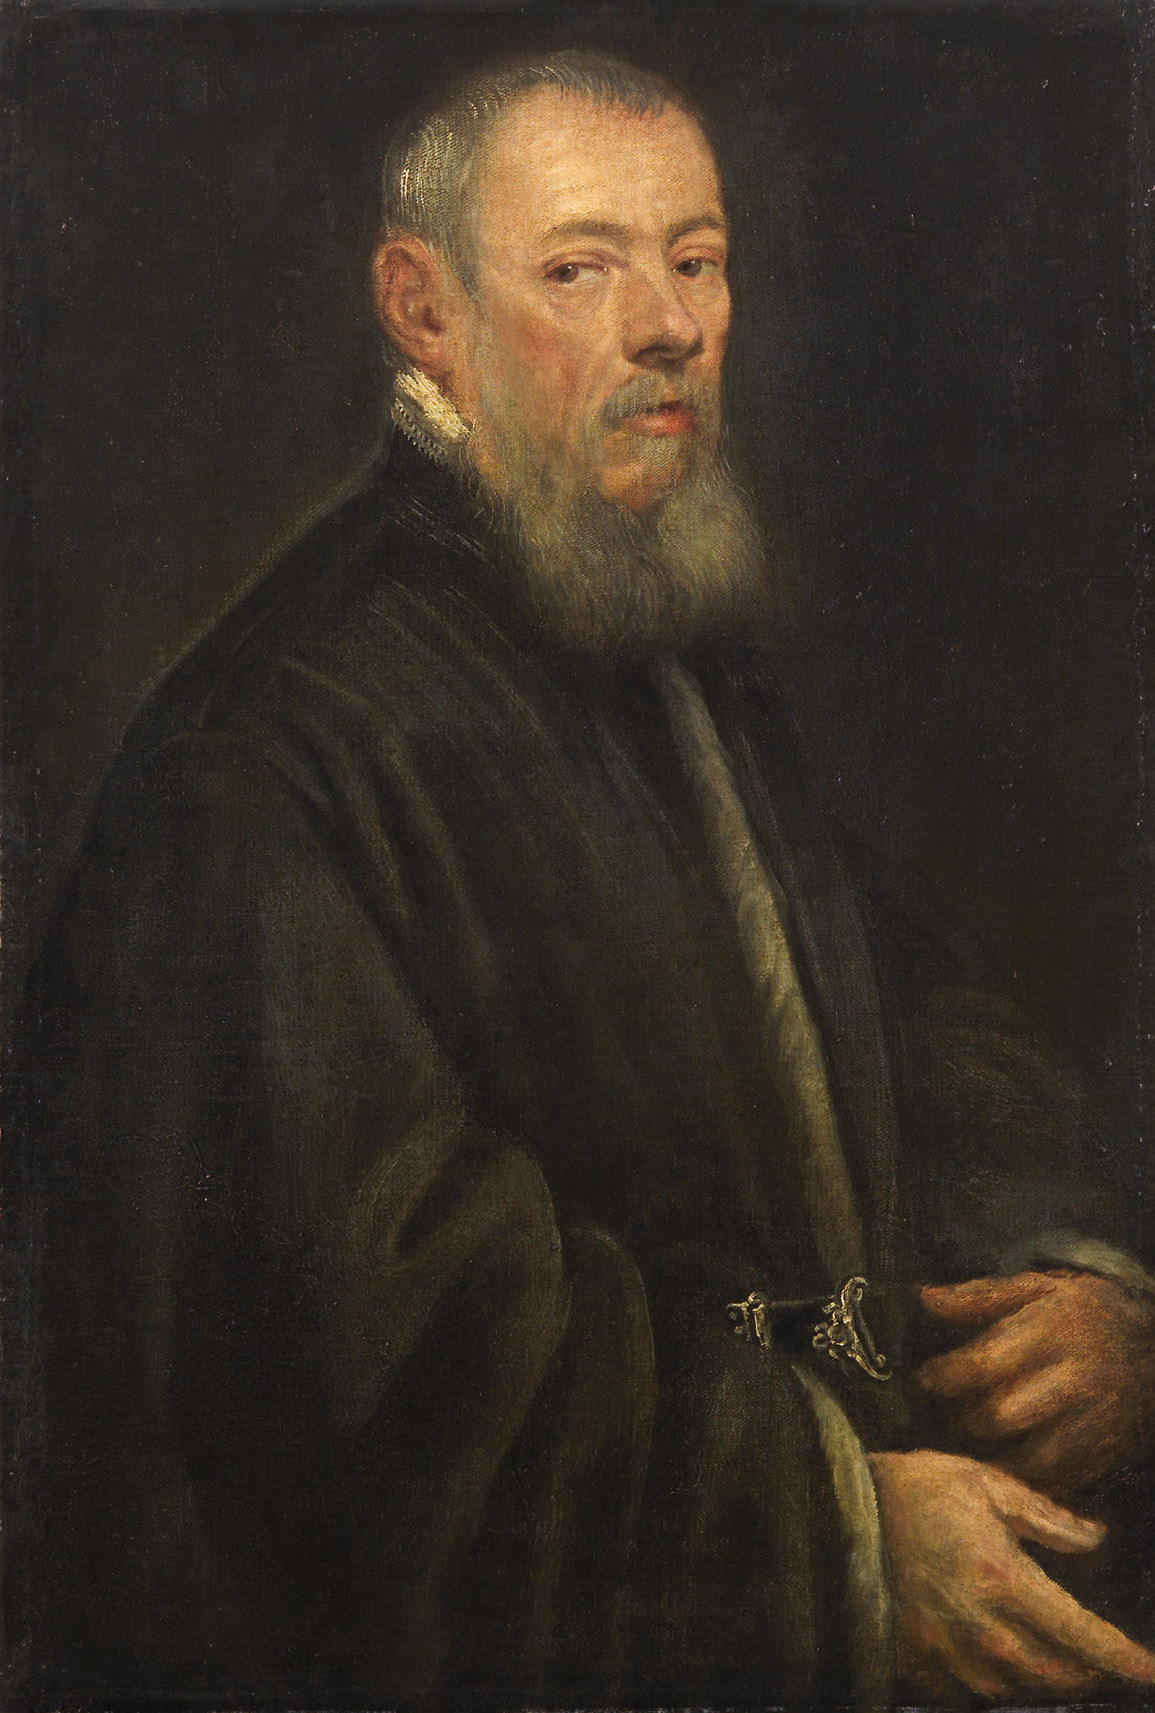 Bildnis eines graubärtigen Mannes von Venezianisch